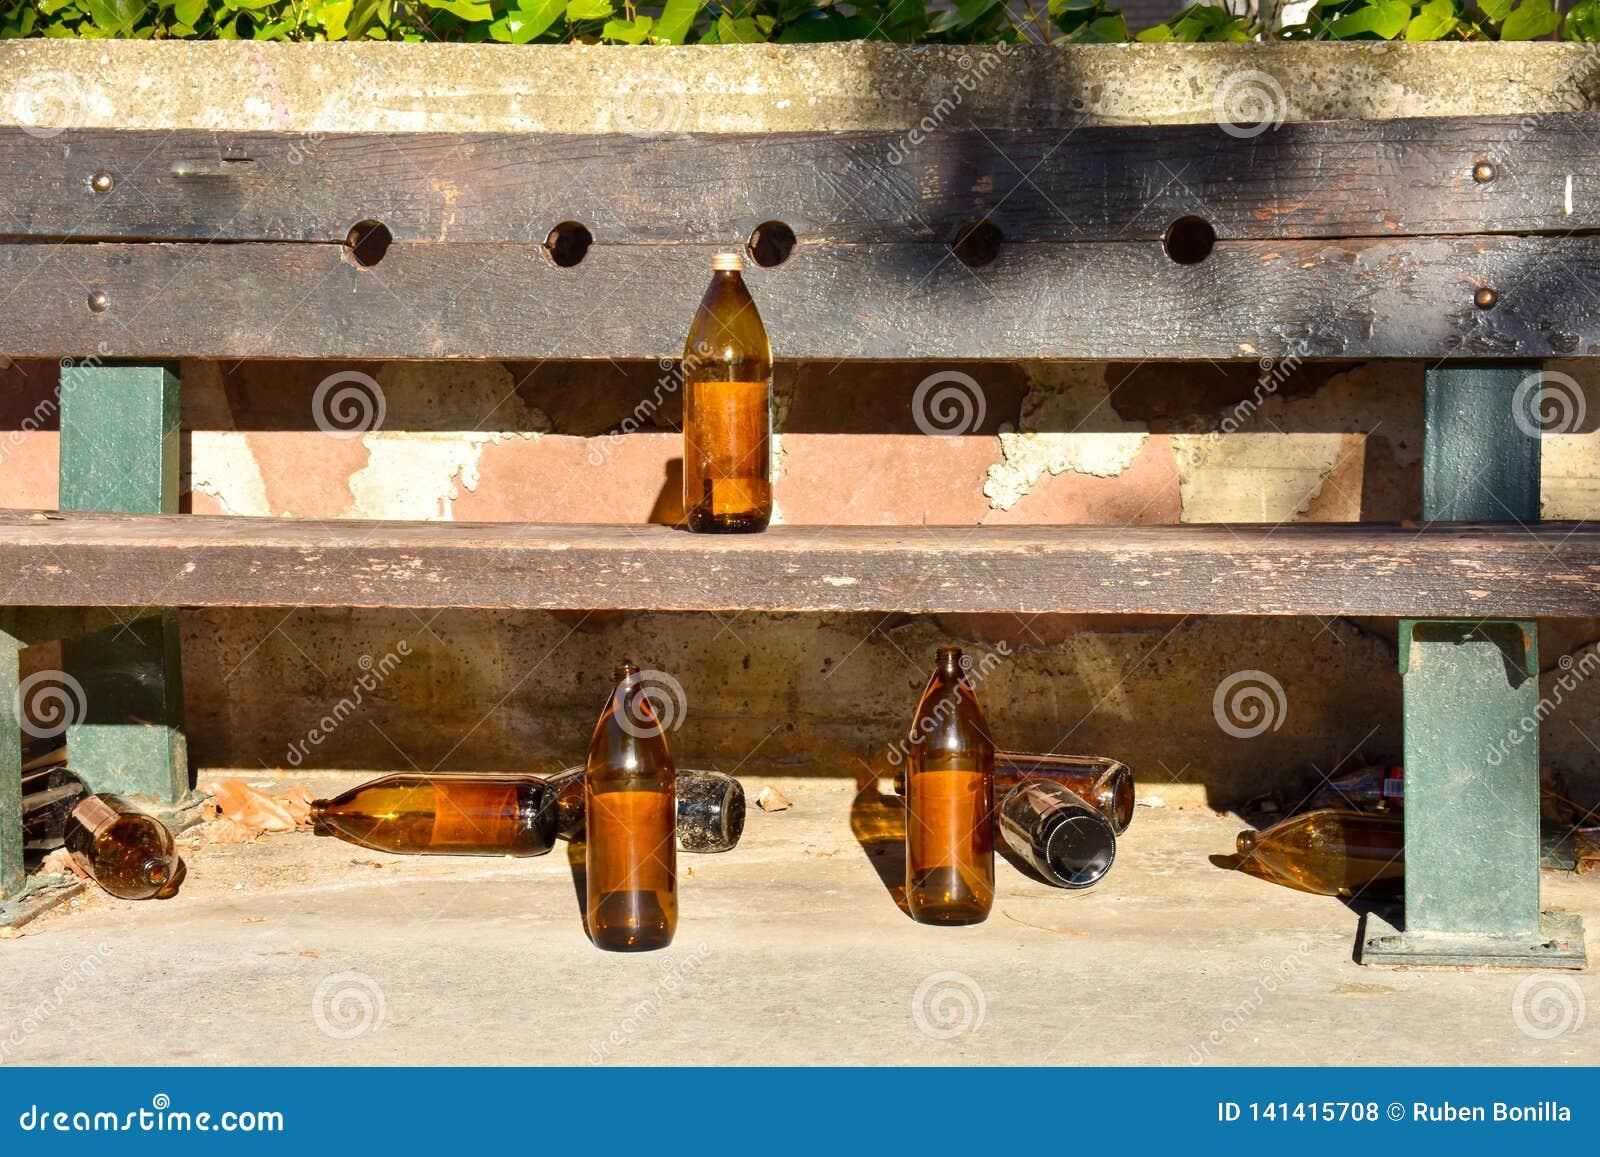 Vele grote oranje die flessen bier van glas volledig leeg bij het park toe te schrijven aan somebody wordt gemaakt heeft dronken